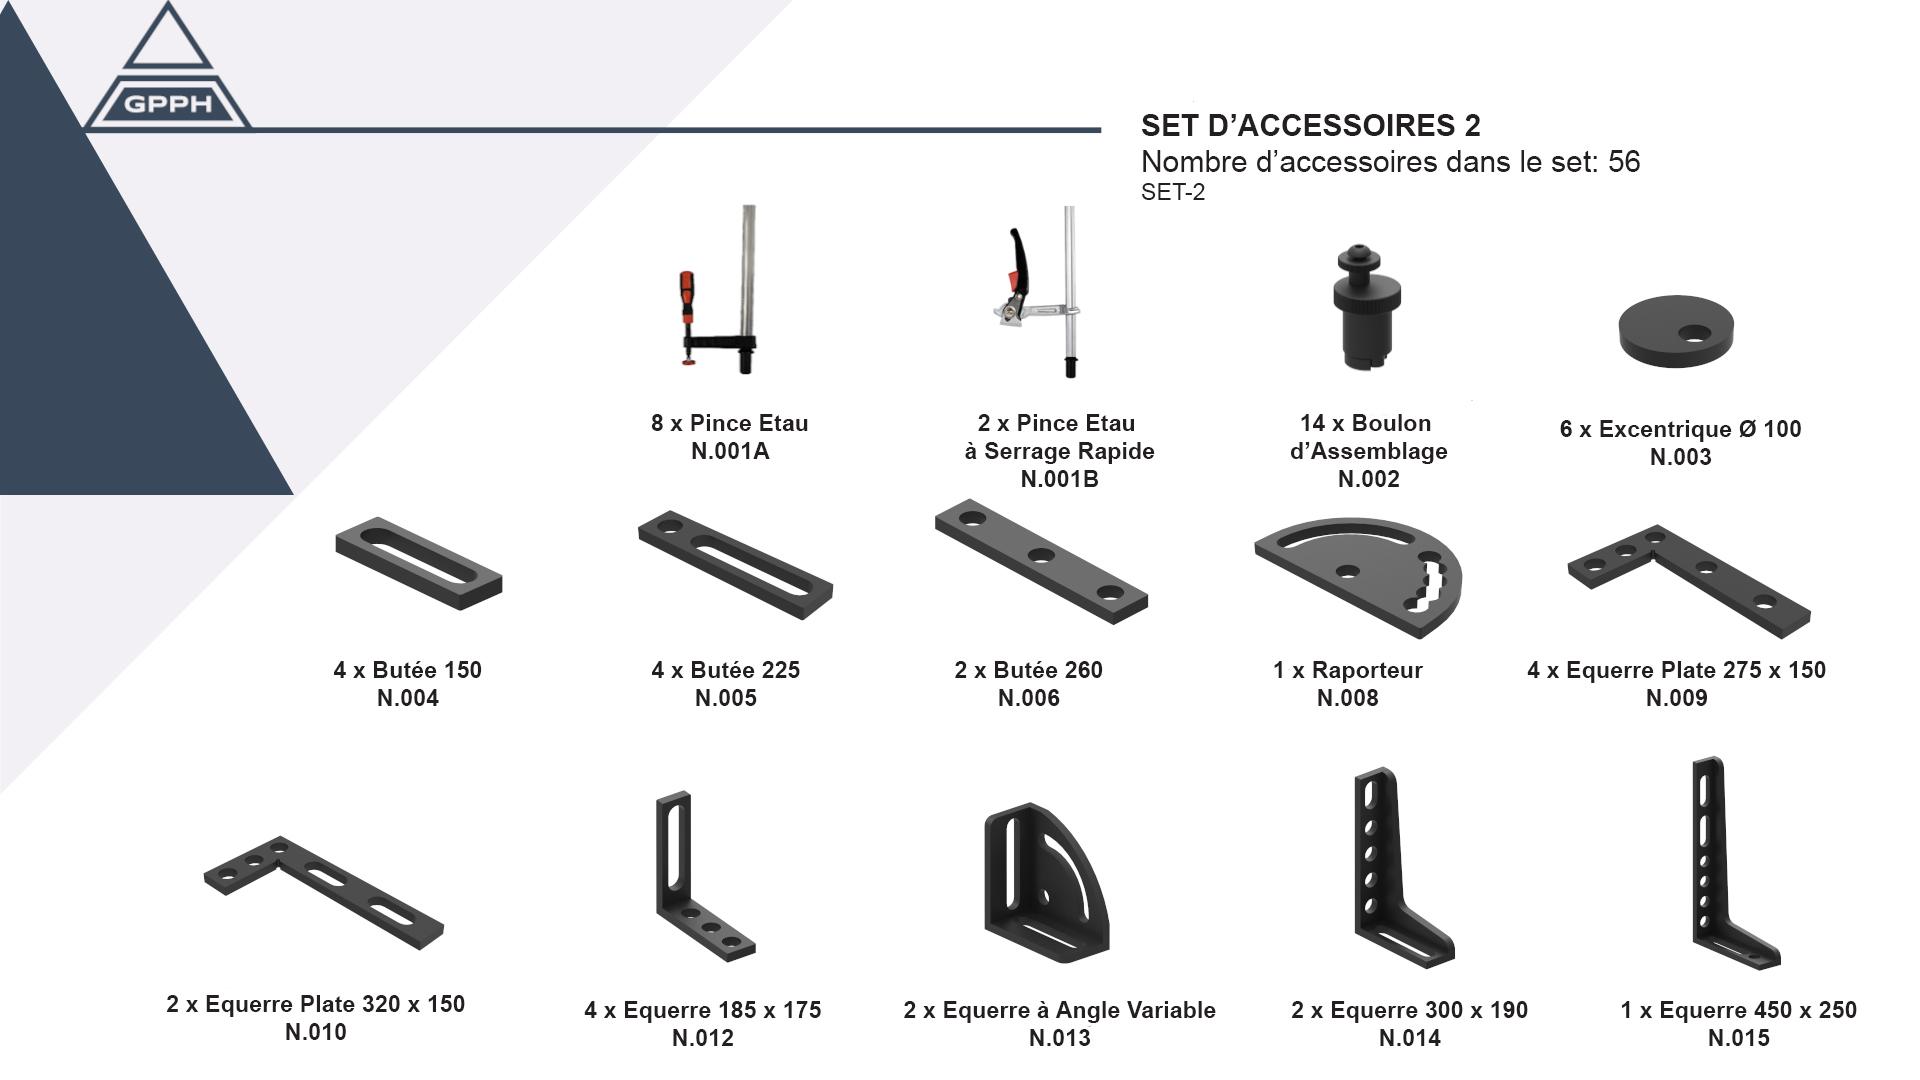 set-2 accessoires GPPH